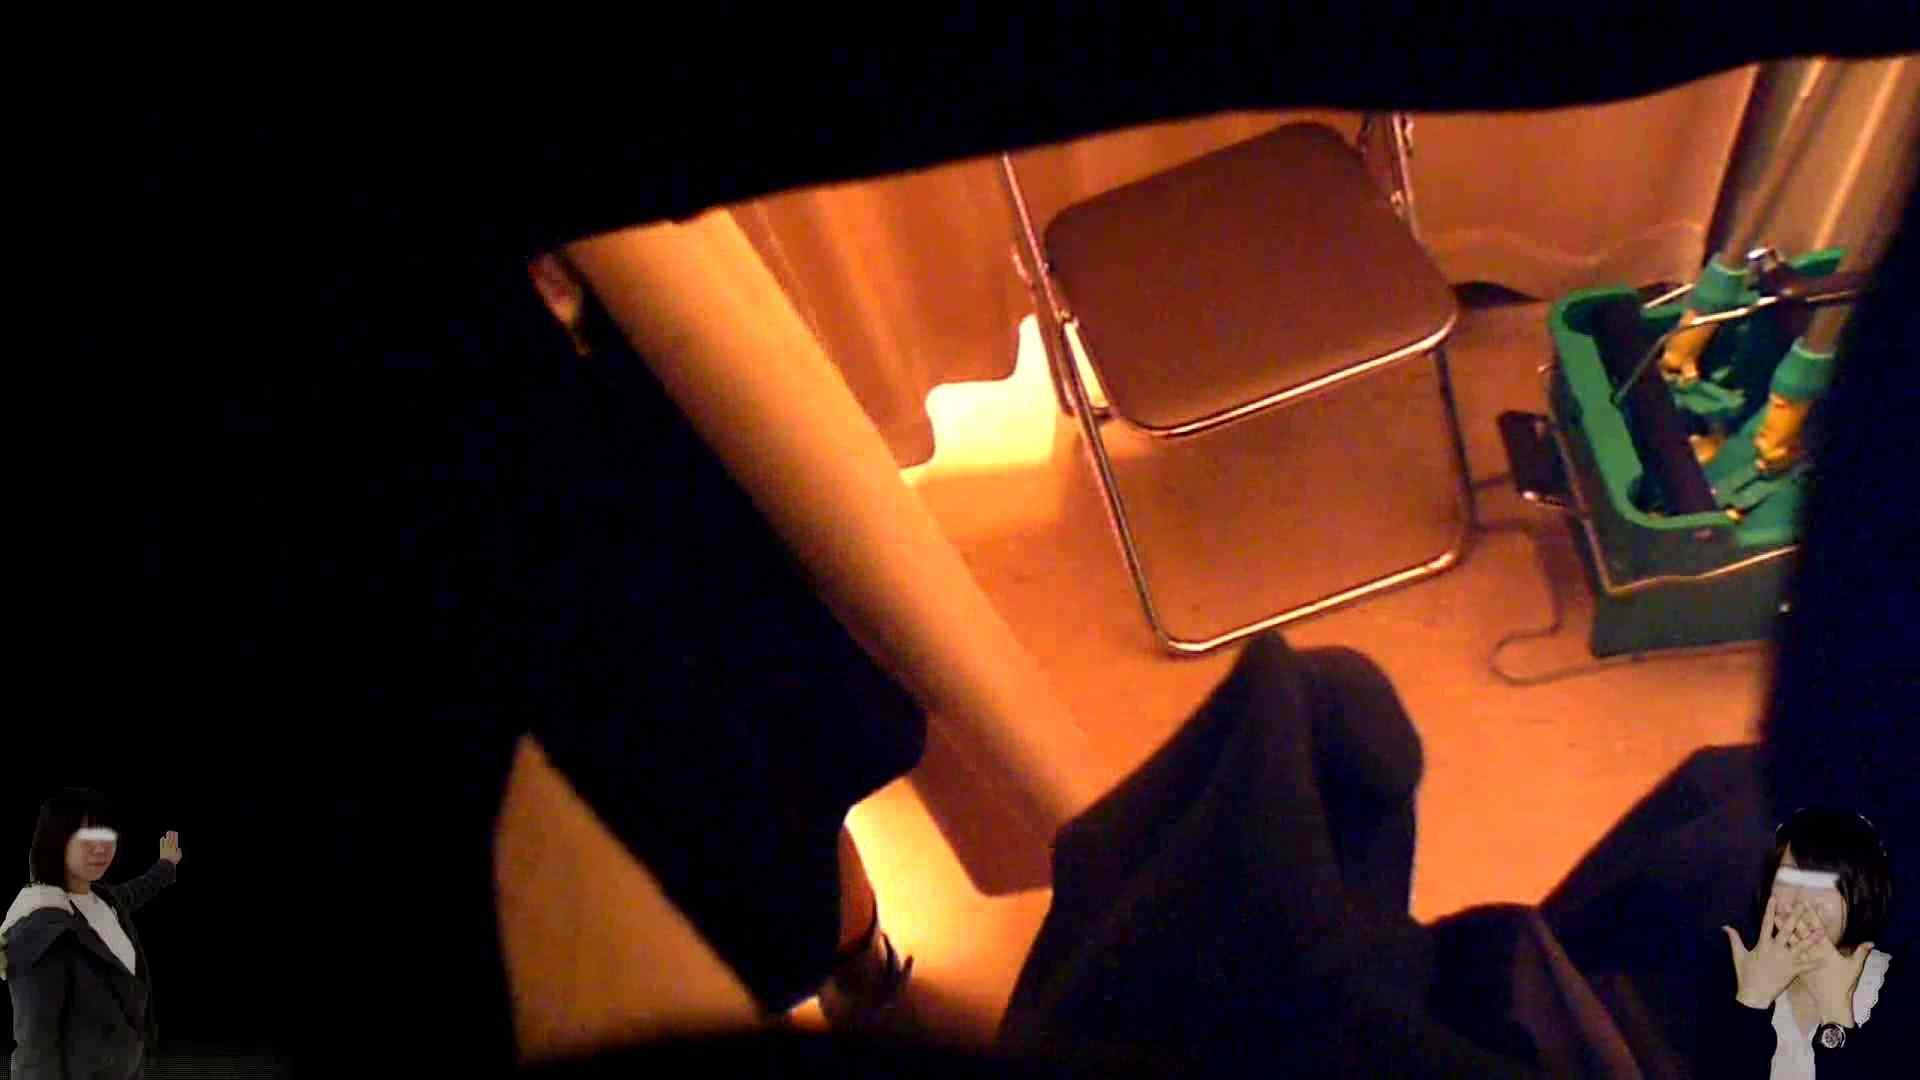 素人投稿 現役「JD」Eちゃんの着替え Vol.04 素人丸裸 おまんこ無修正動画無料 107pic 22